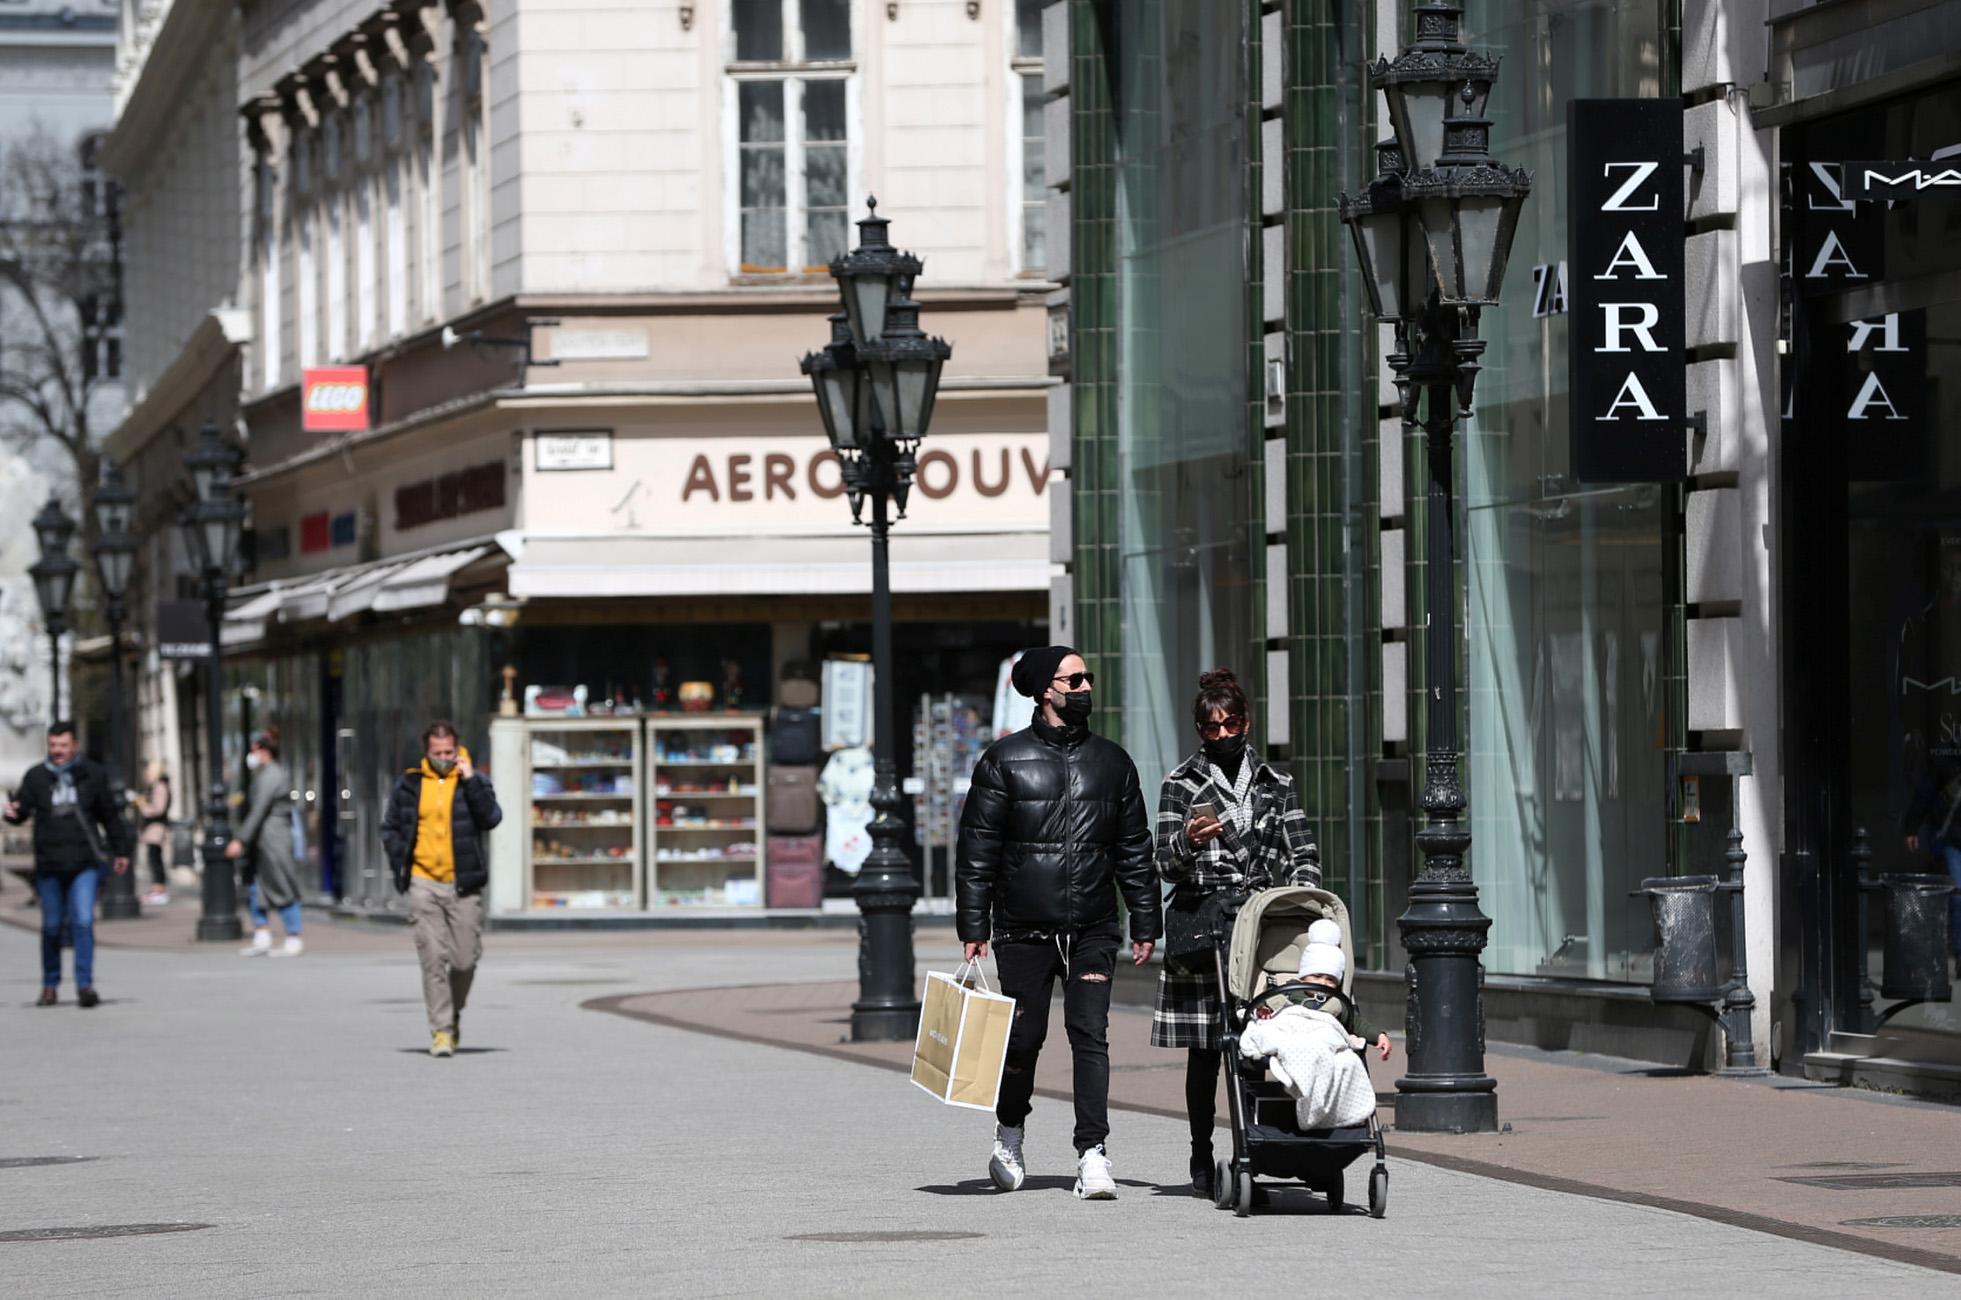 Ουγγαρία: Ανοίγουν πάλι οι υπαίθριοι χώροι των καφέ και των εστιατορίων